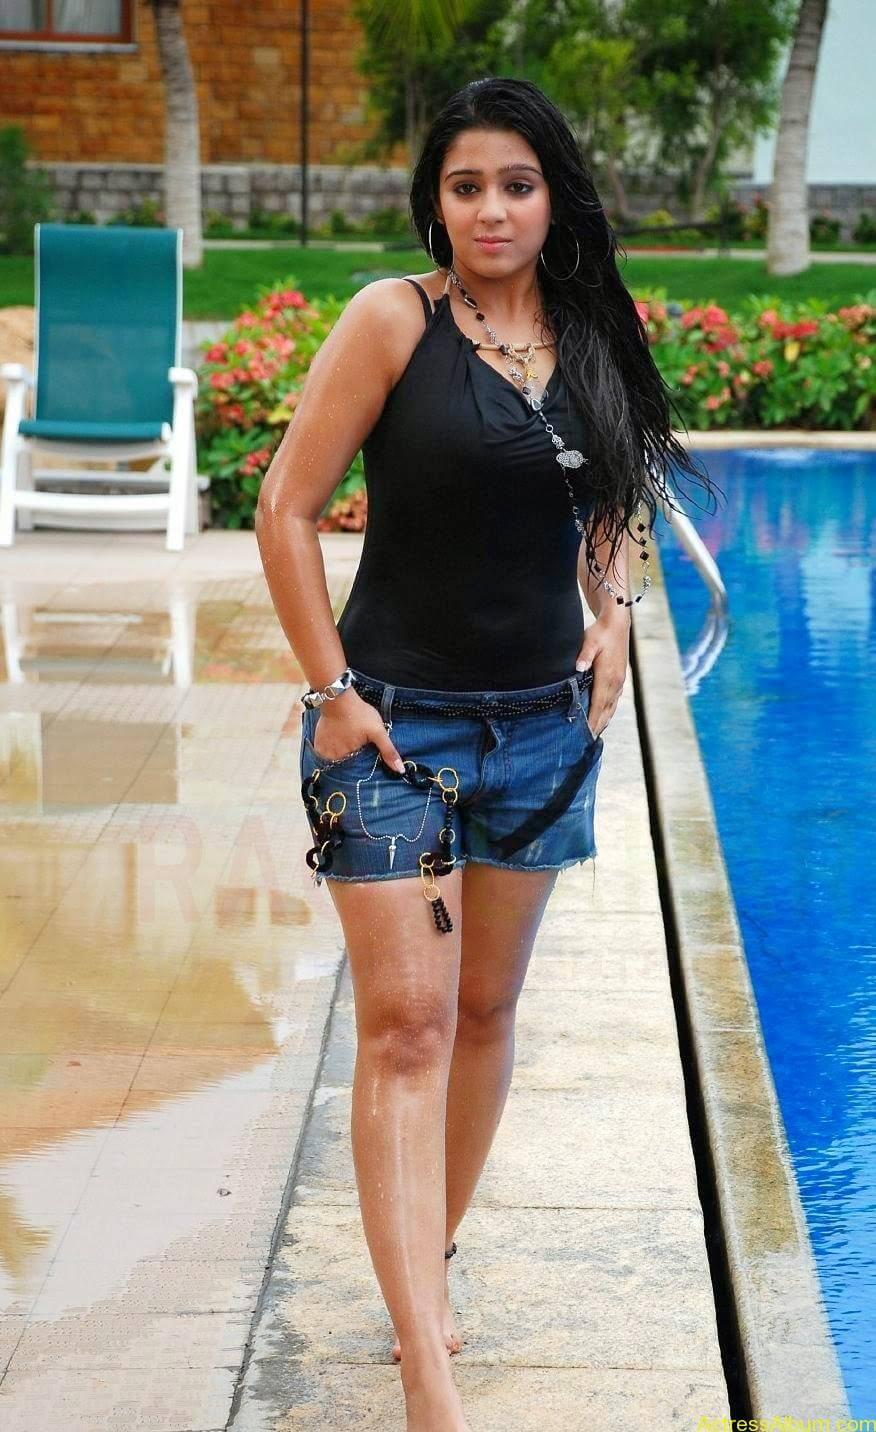 Charmi Thunder Thigh Show (6)